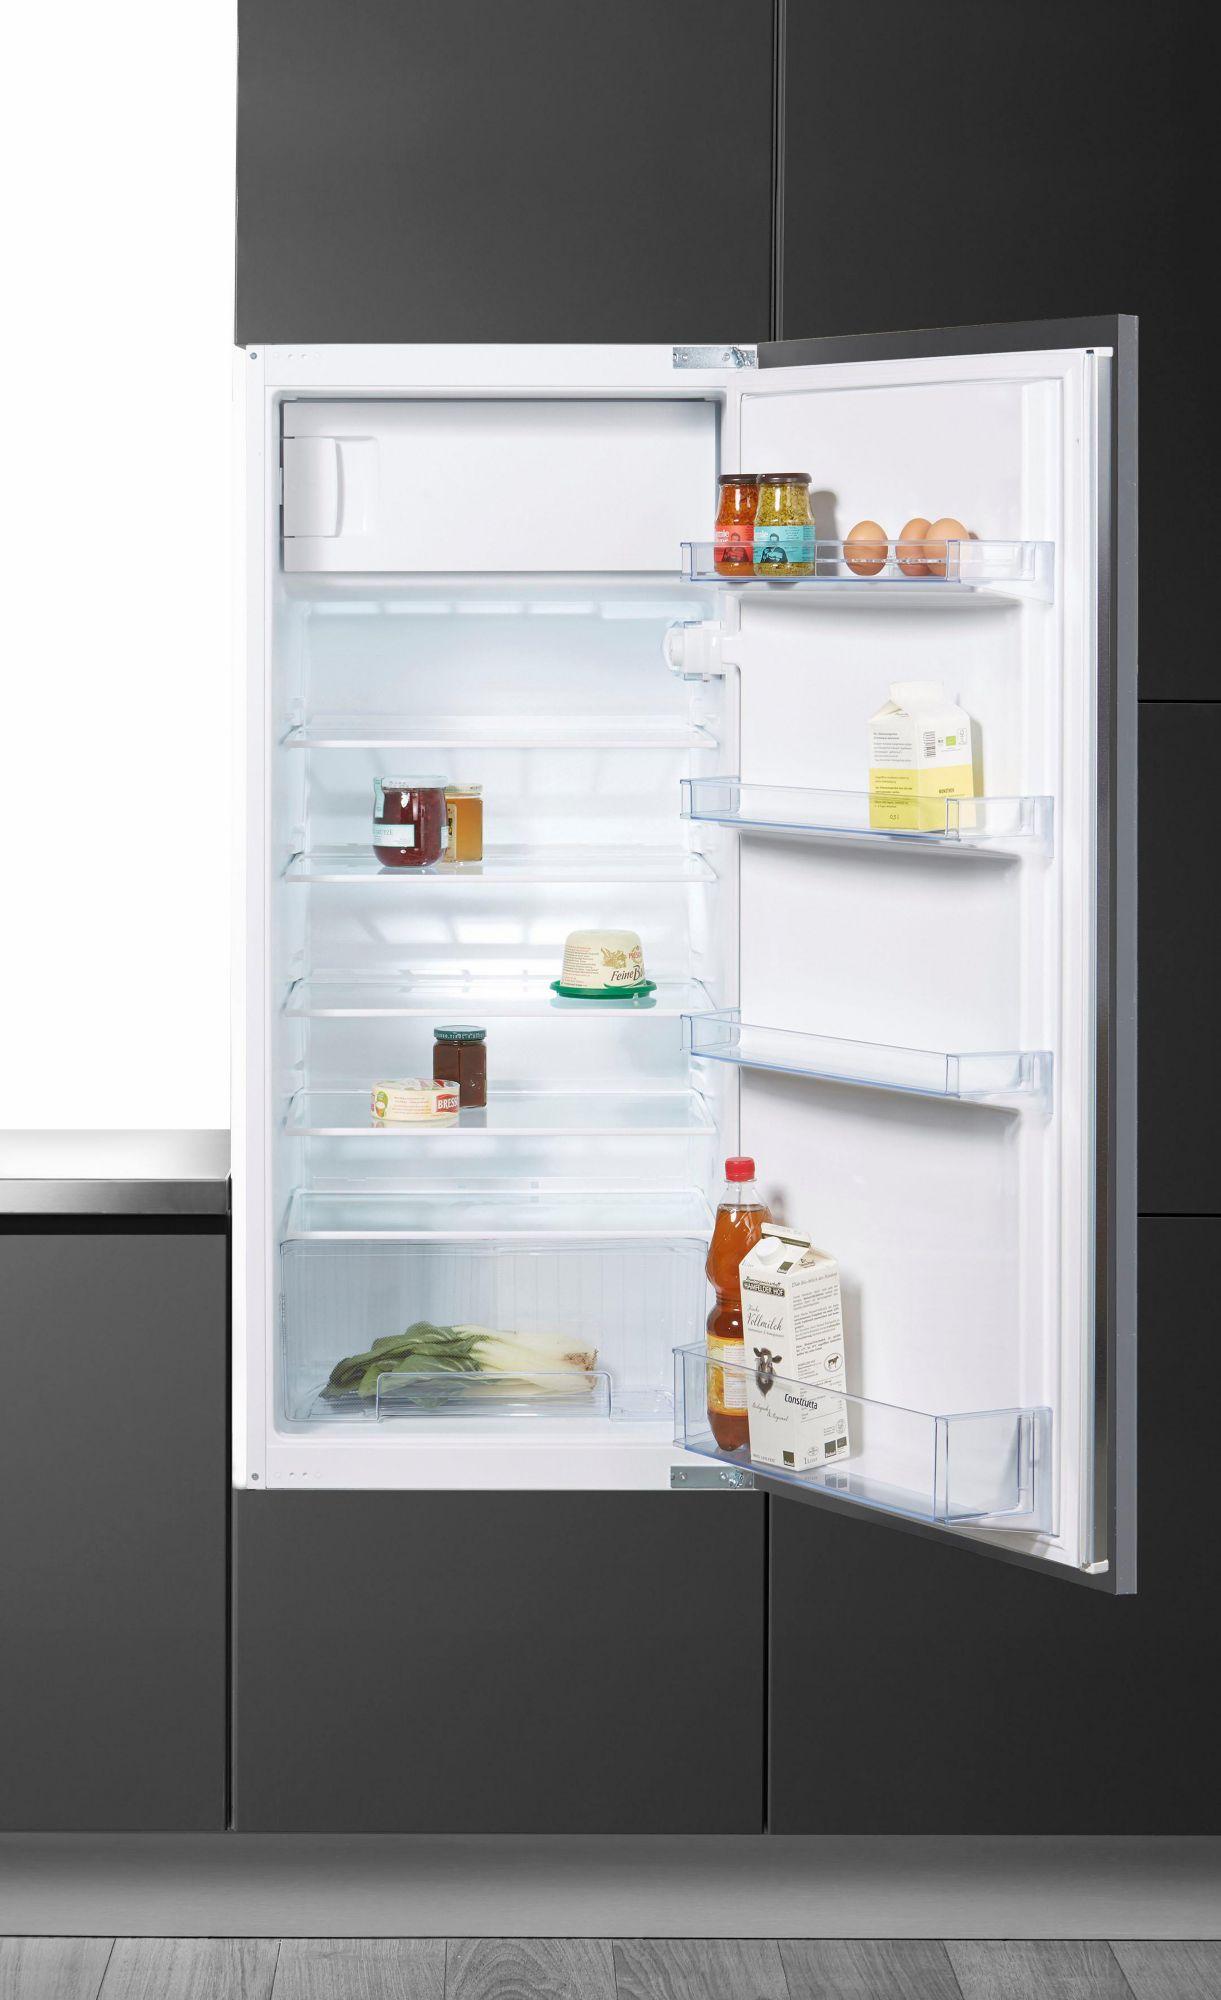 CONSTRUCTA Constructa Einbaukühlschrank CK64430, A++, 122,1 cm hoch